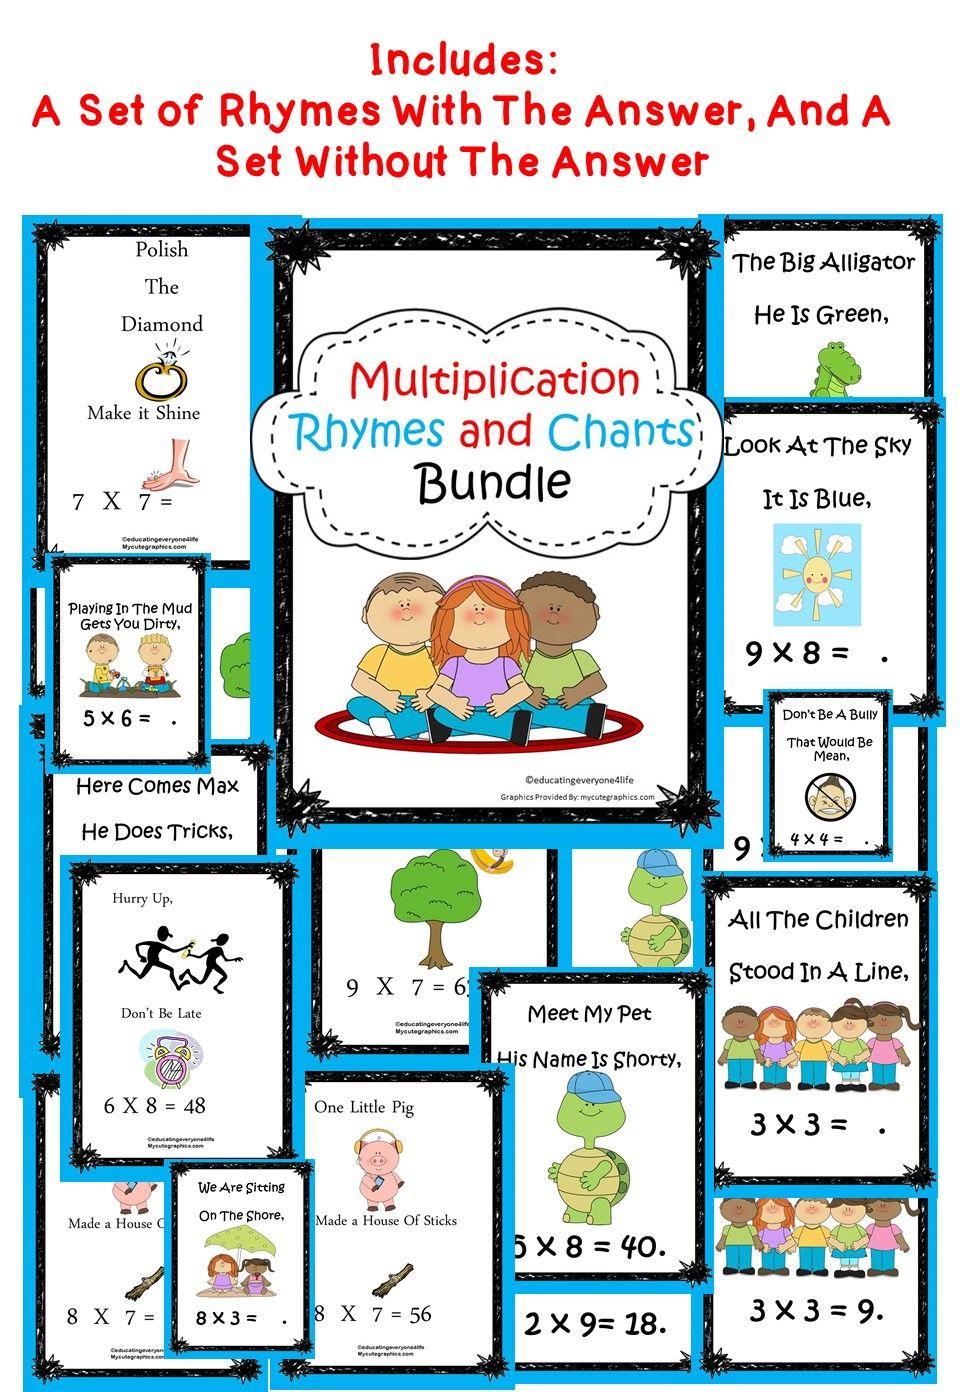 Pinjanice Dugger On Third Grade   Homeschool Math